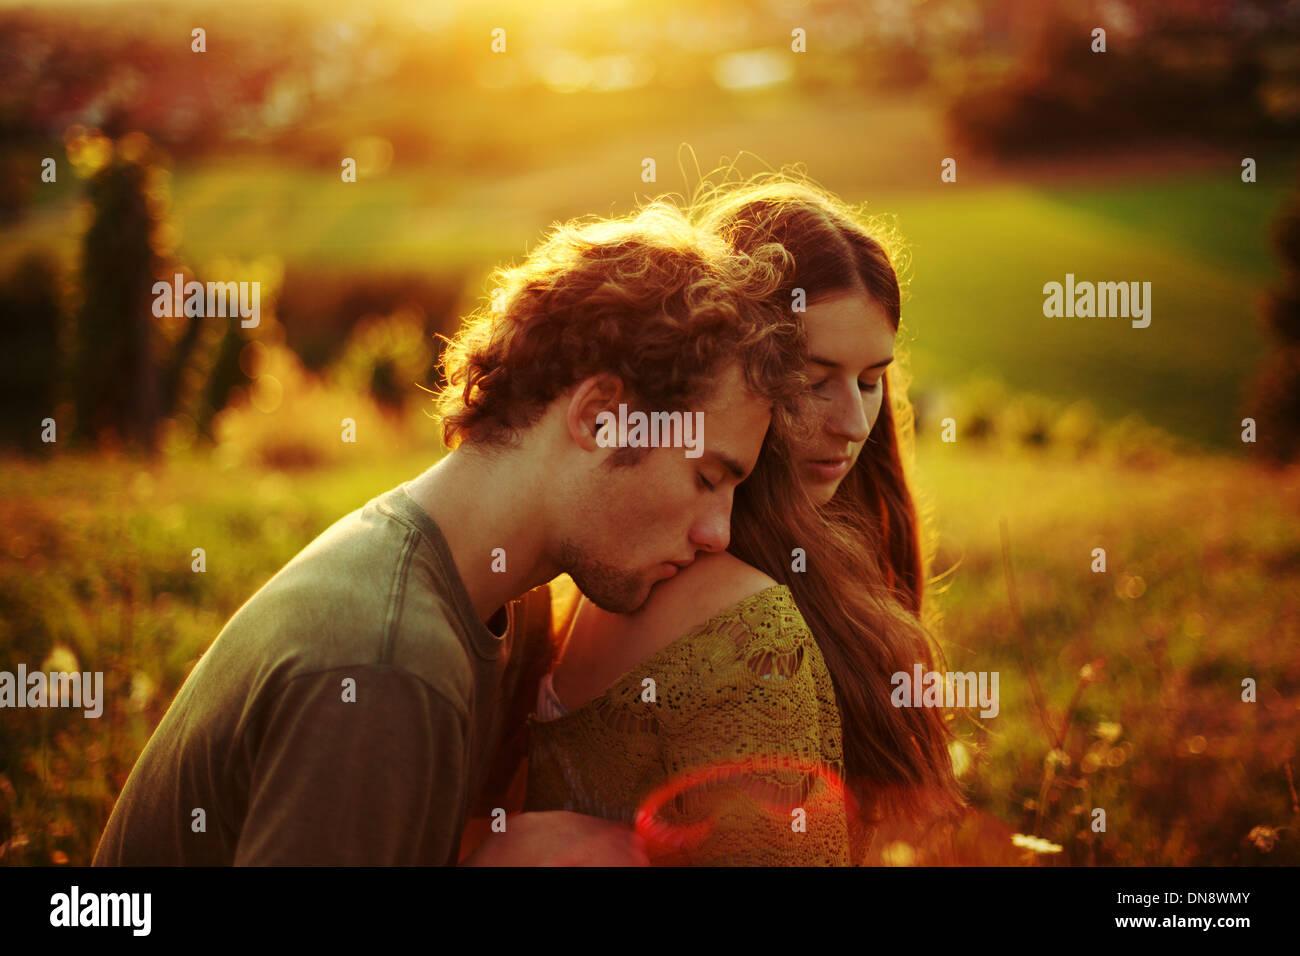 Coppia giovane in amore abbracciando su un prato Immagini Stock